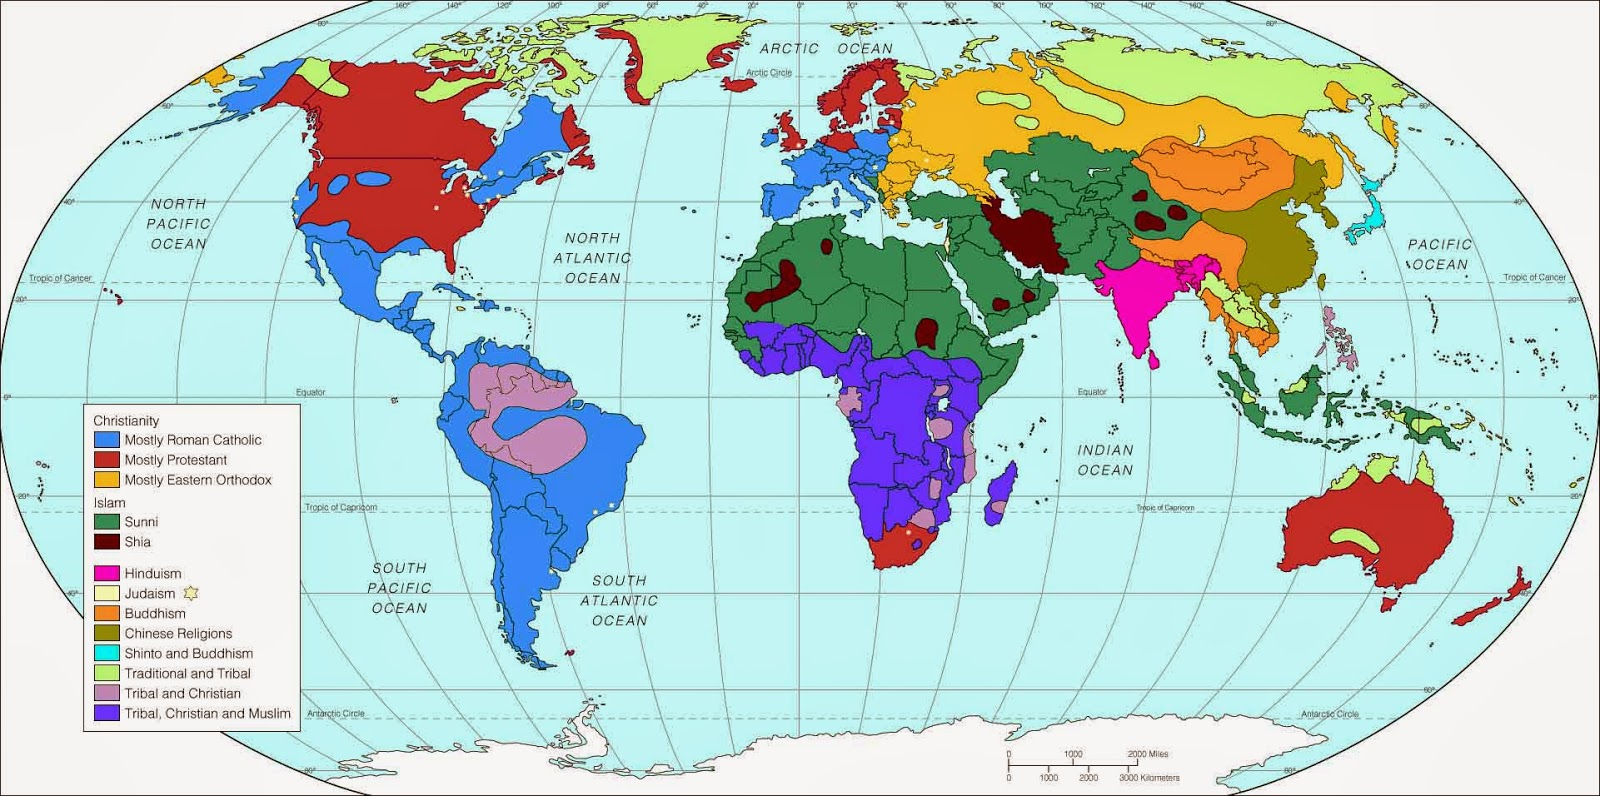 宗教分布マップ 世界地図 キリスト教 イスラム教 仏教